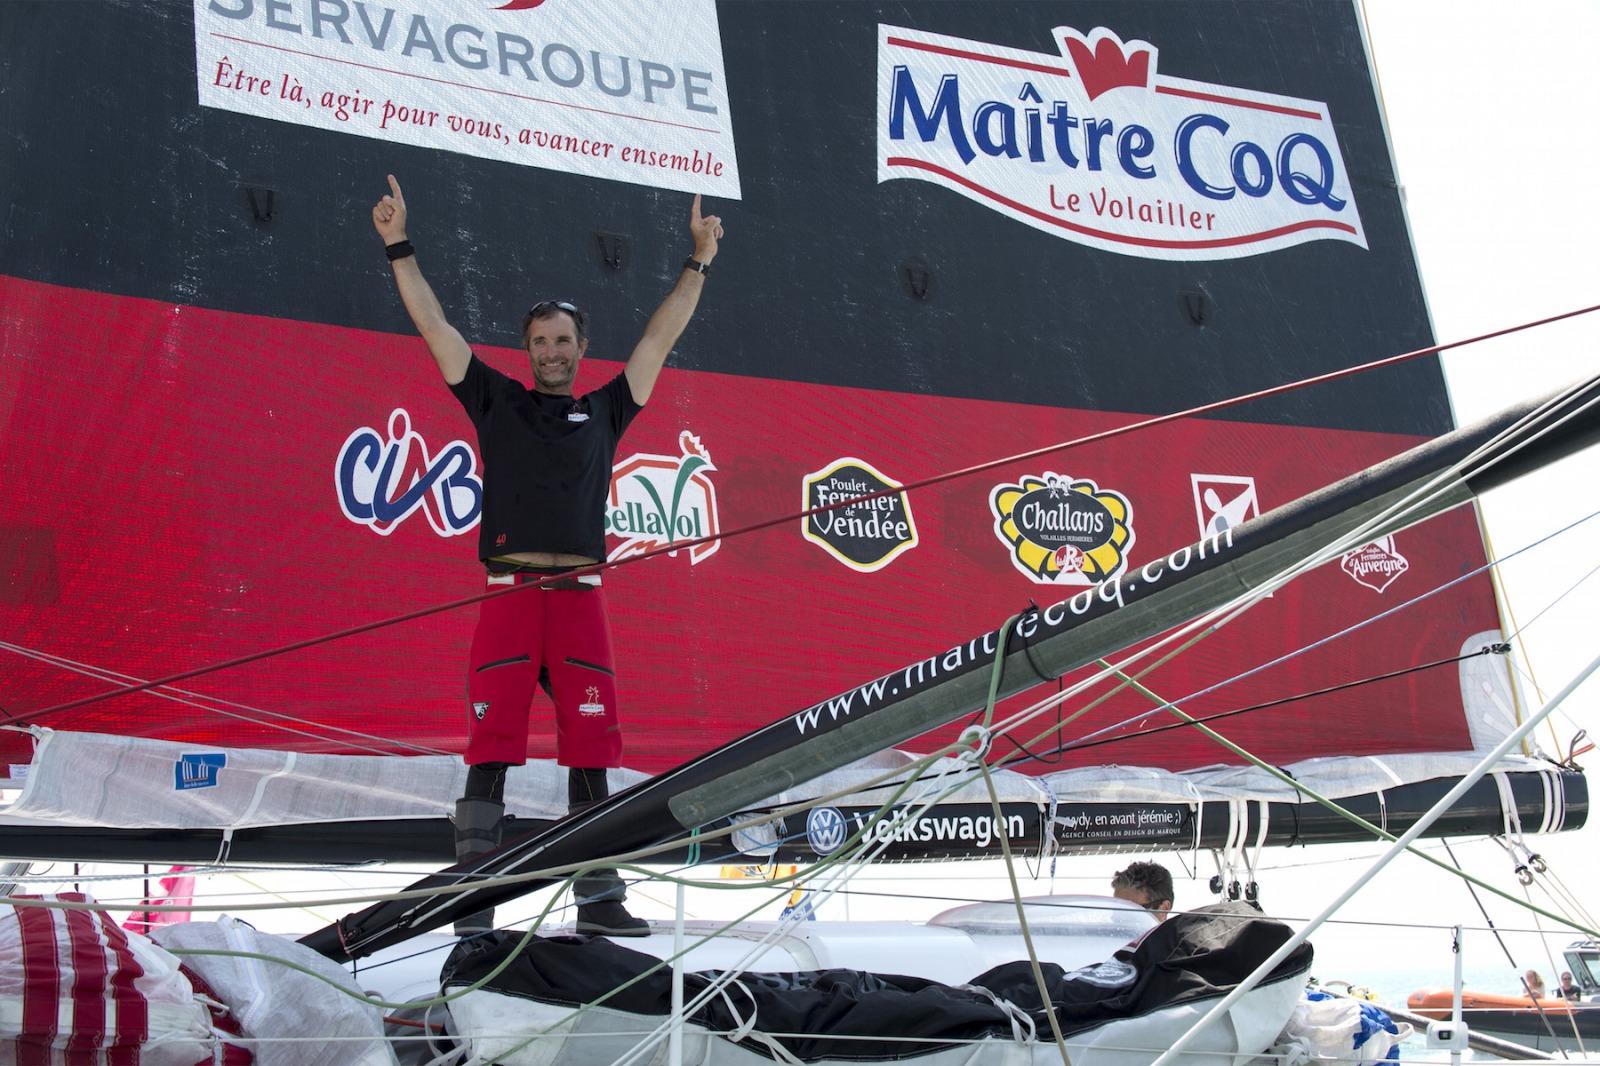 imoca-maitre-coq-skipper-jeremie-beyou-fra-winner-celebration-during-the-arrival-of-the-transat-new-york-vendee-in-les-sa-r-1600-1200